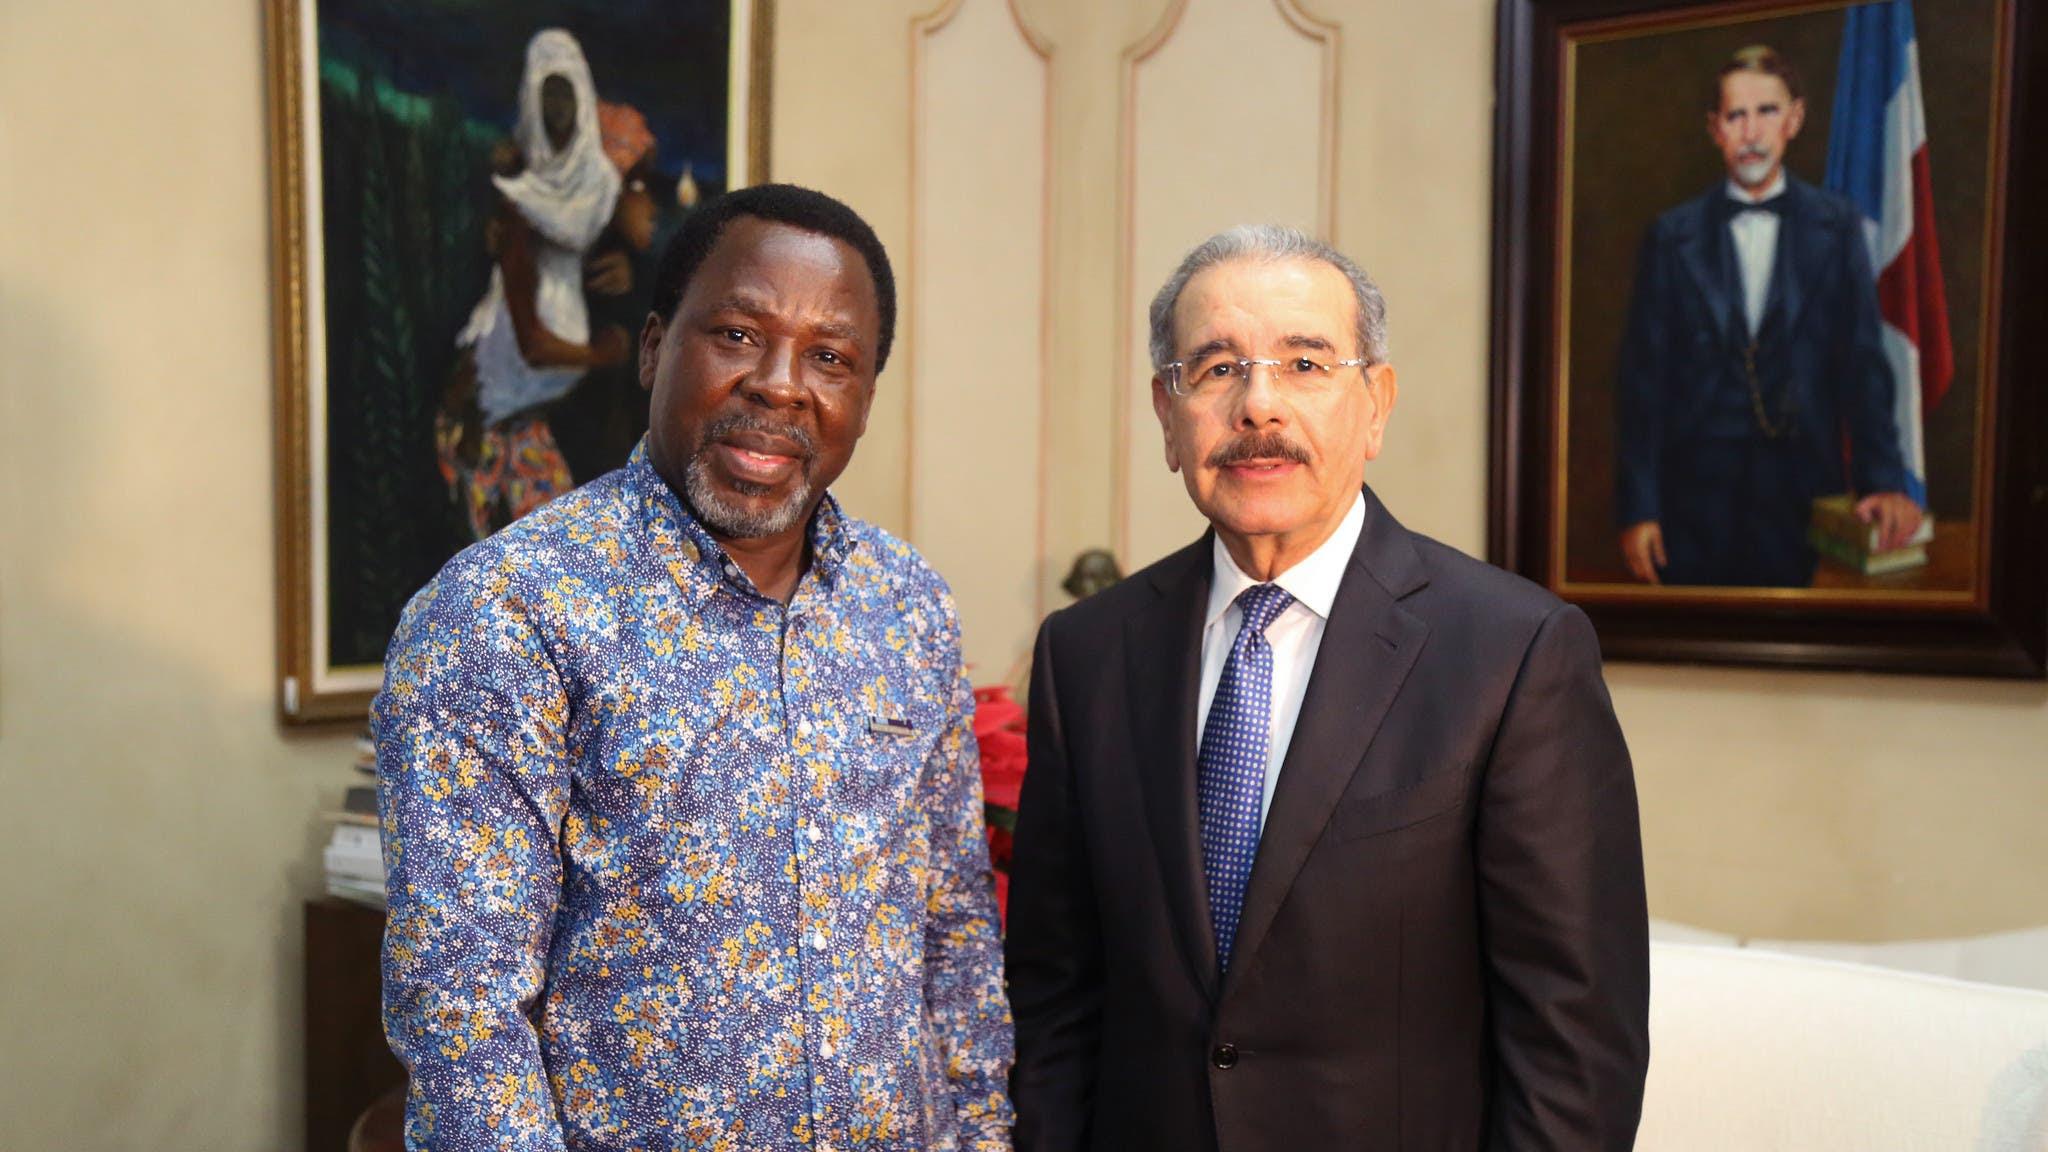 El  profeta nigeriano, Temitope Balogun Joshua y el presidente Danilo Medina.